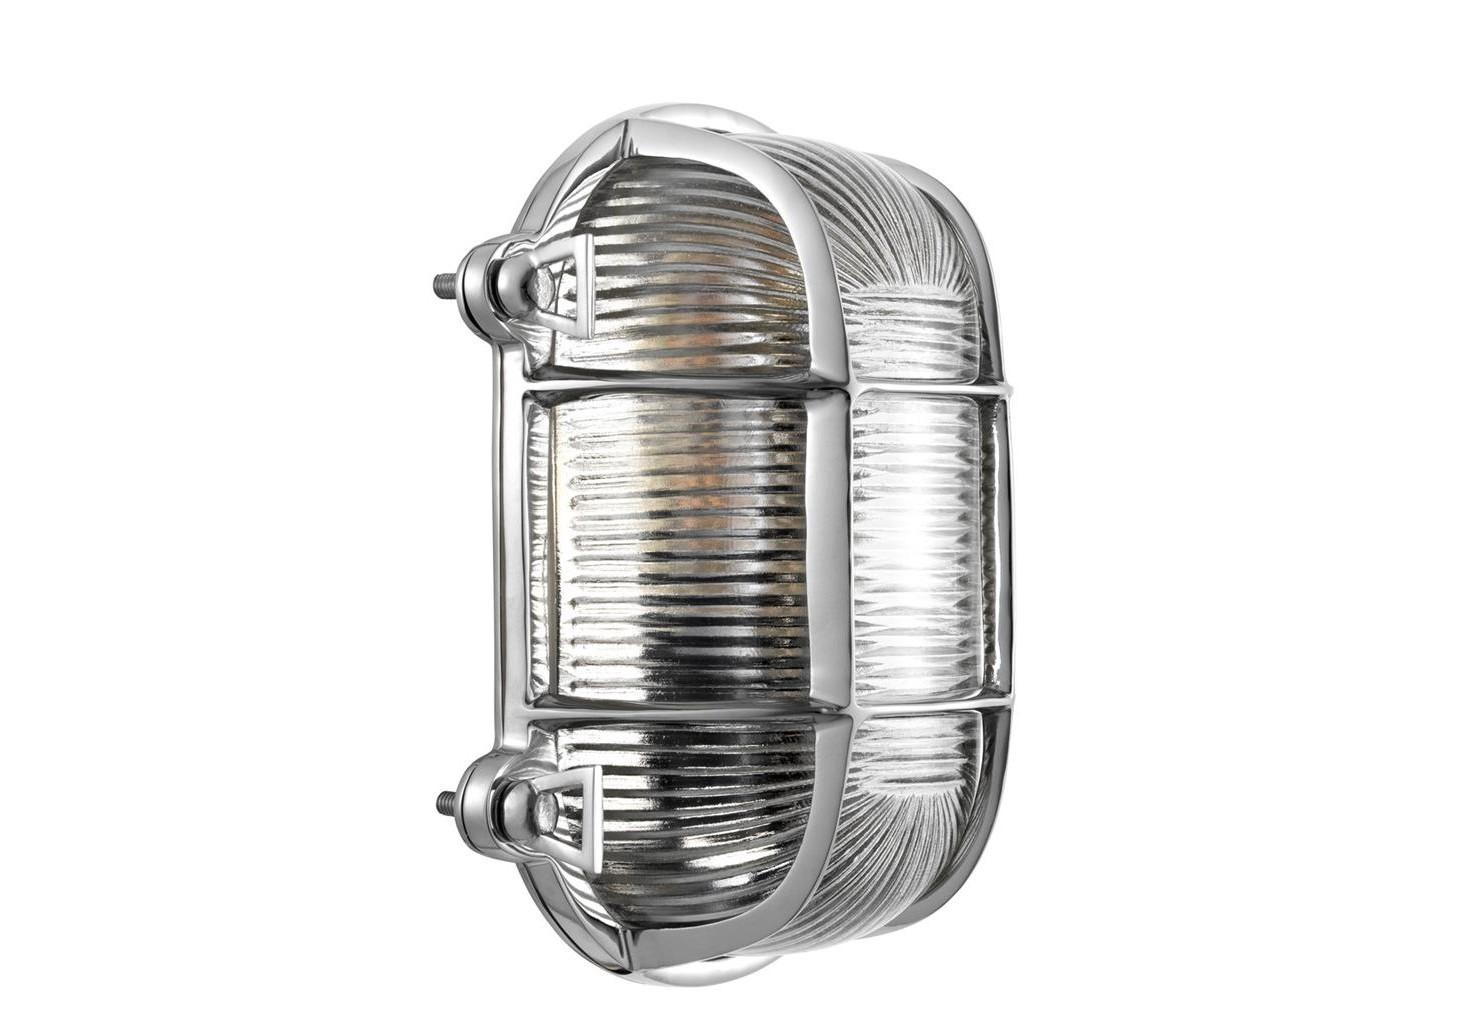 Бра AquaБра<br>&amp;lt;div&amp;gt;Lamp Wall Aqua Large. Настенный светильник из стекла и металла. Цвет металла - светлый никель.&amp;lt;/div&amp;gt;&amp;lt;div&amp;gt;&amp;lt;br&amp;gt;&amp;lt;/div&amp;gt;&amp;lt;div&amp;gt;&amp;lt;span style=&amp;quot;line-height: 24.9999px;&amp;quot;&amp;gt;Цоколь: &amp;amp;nbsp;E14&amp;lt;/span&amp;gt;&amp;lt;br&amp;gt;&amp;lt;/div&amp;gt;&amp;lt;div&amp;gt;&amp;lt;span style=&amp;quot;line-height: 24.9999px;&amp;quot;&amp;gt;Мощность: 40 Вт&amp;lt;/span&amp;gt;&amp;lt;span style=&amp;quot;line-height: 24.9999px;&amp;quot;&amp;gt;&amp;lt;br&amp;gt;&amp;lt;/span&amp;gt;&amp;lt;/div&amp;gt;&amp;lt;div&amp;gt;Количество лампочек: 1&amp;lt;/div&amp;gt;&amp;lt;div&amp;gt;&amp;lt;br&amp;gt;&amp;lt;/div&amp;gt;<br><br>Material: Металл<br>Ширина см: 24<br>Высота см: 15<br>Глубина см: 13